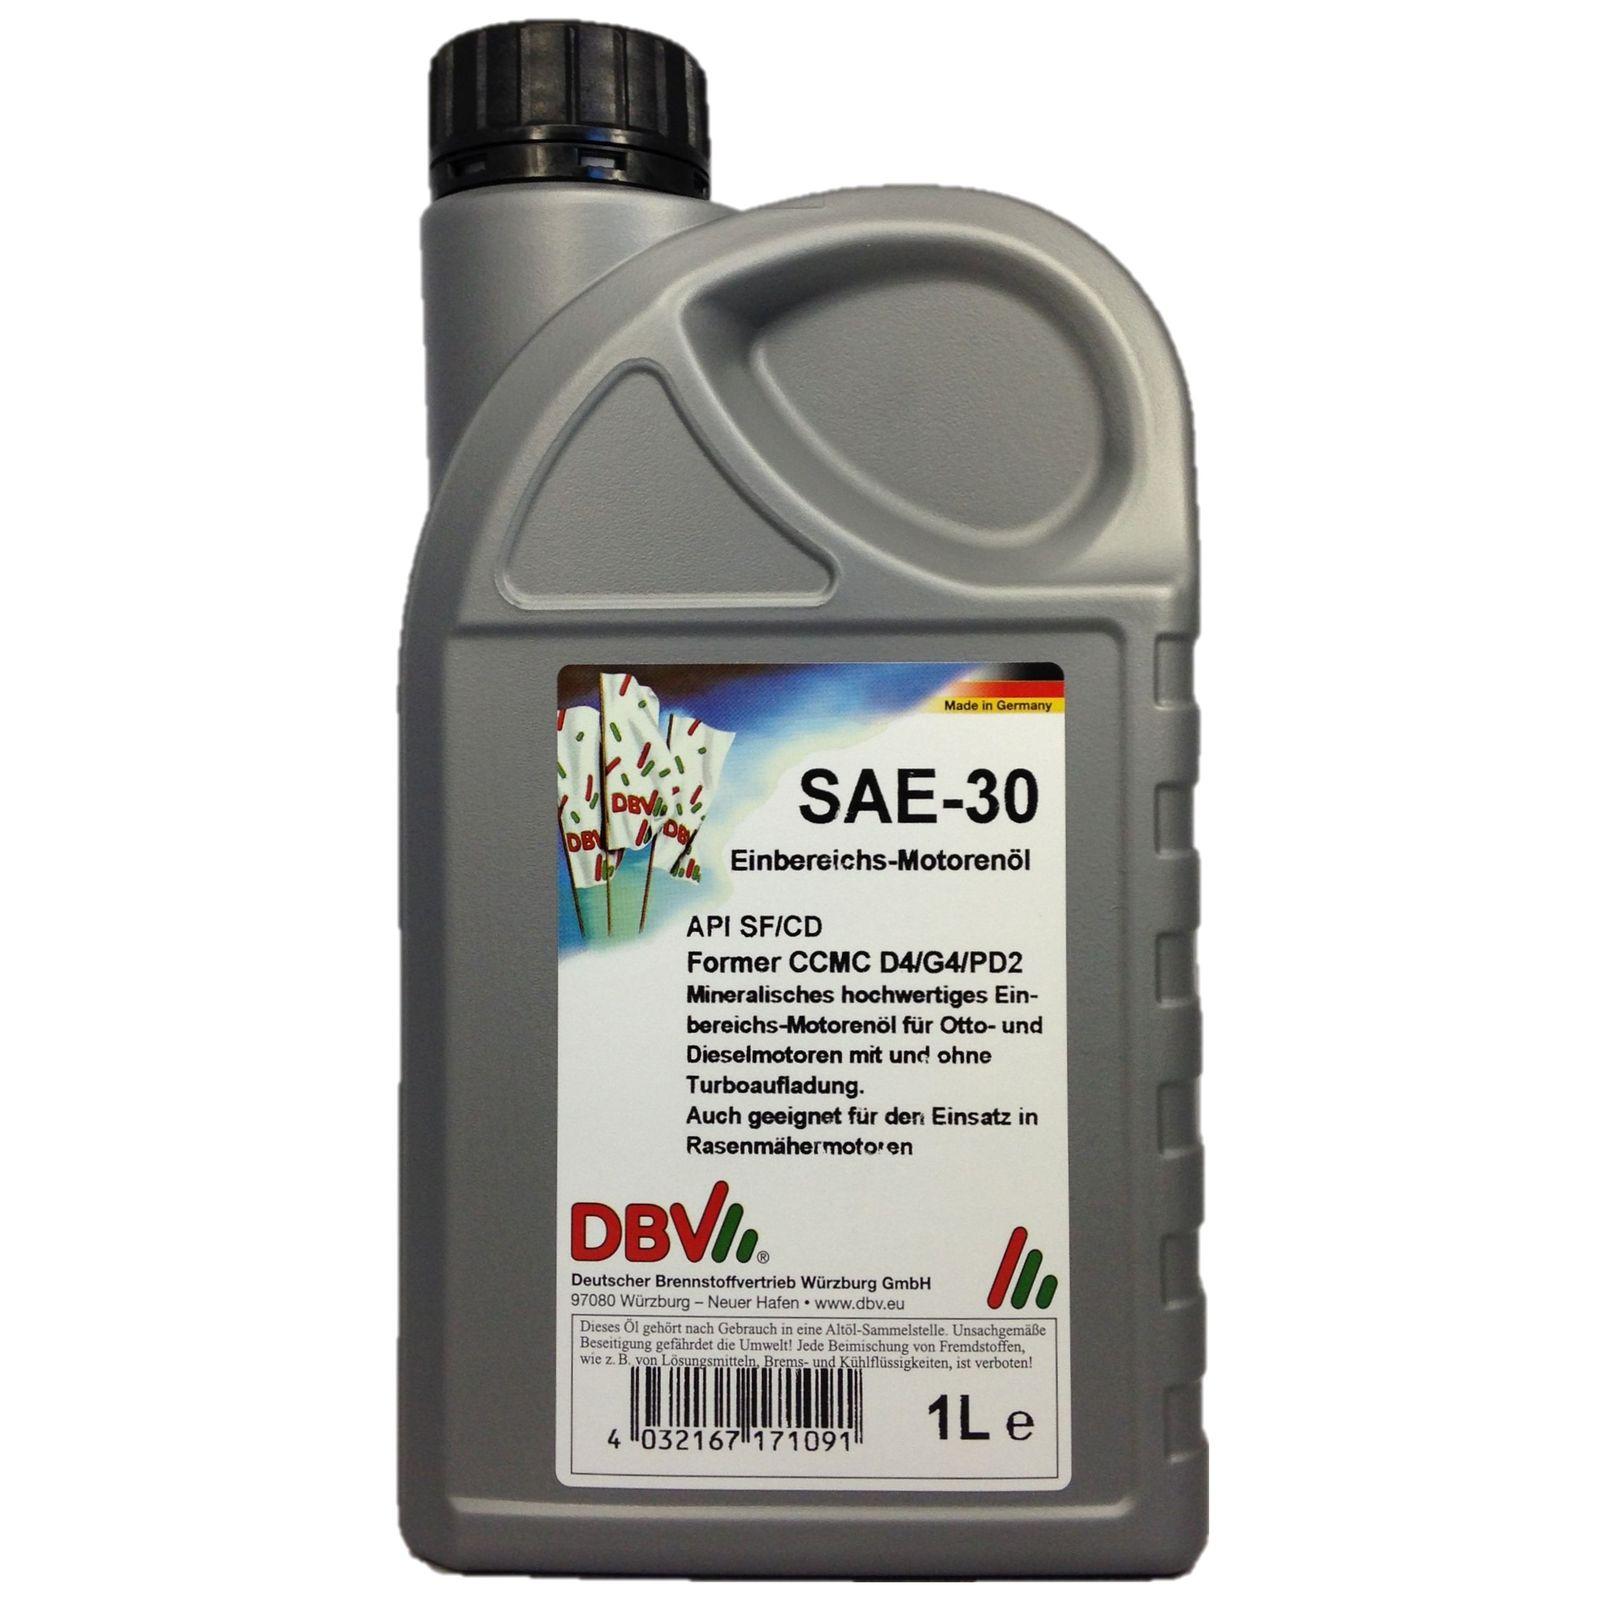 1 Liter DBV - Einbereichs-Motorenöl SAE-30